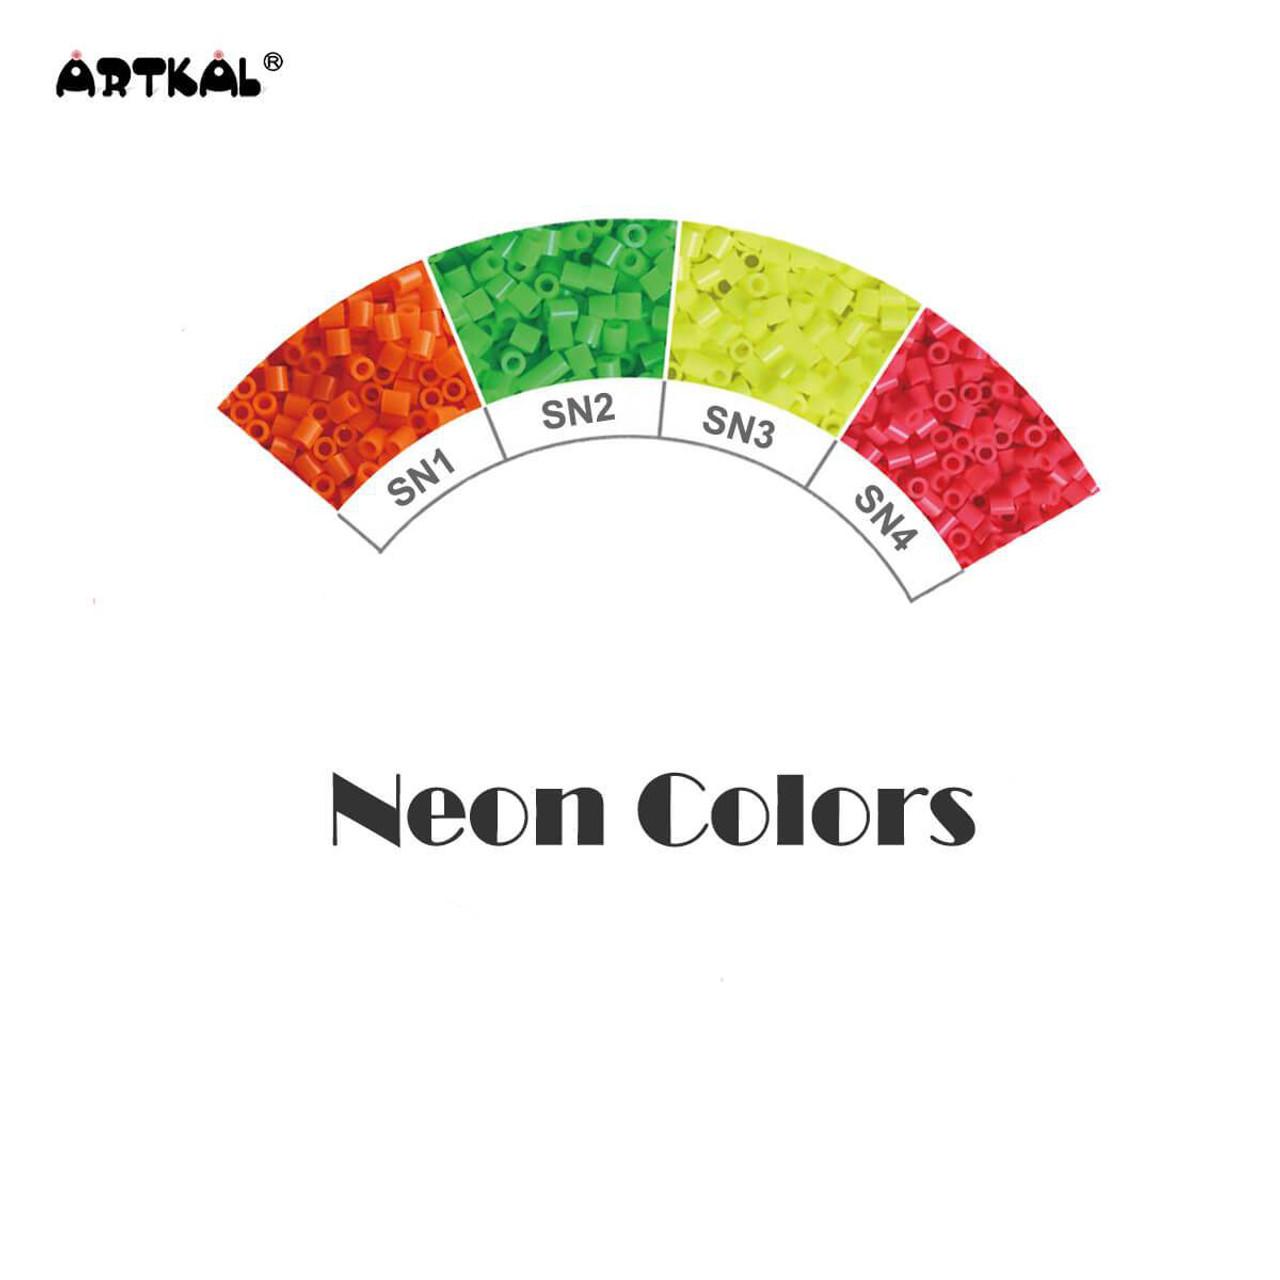 Artkal Neon